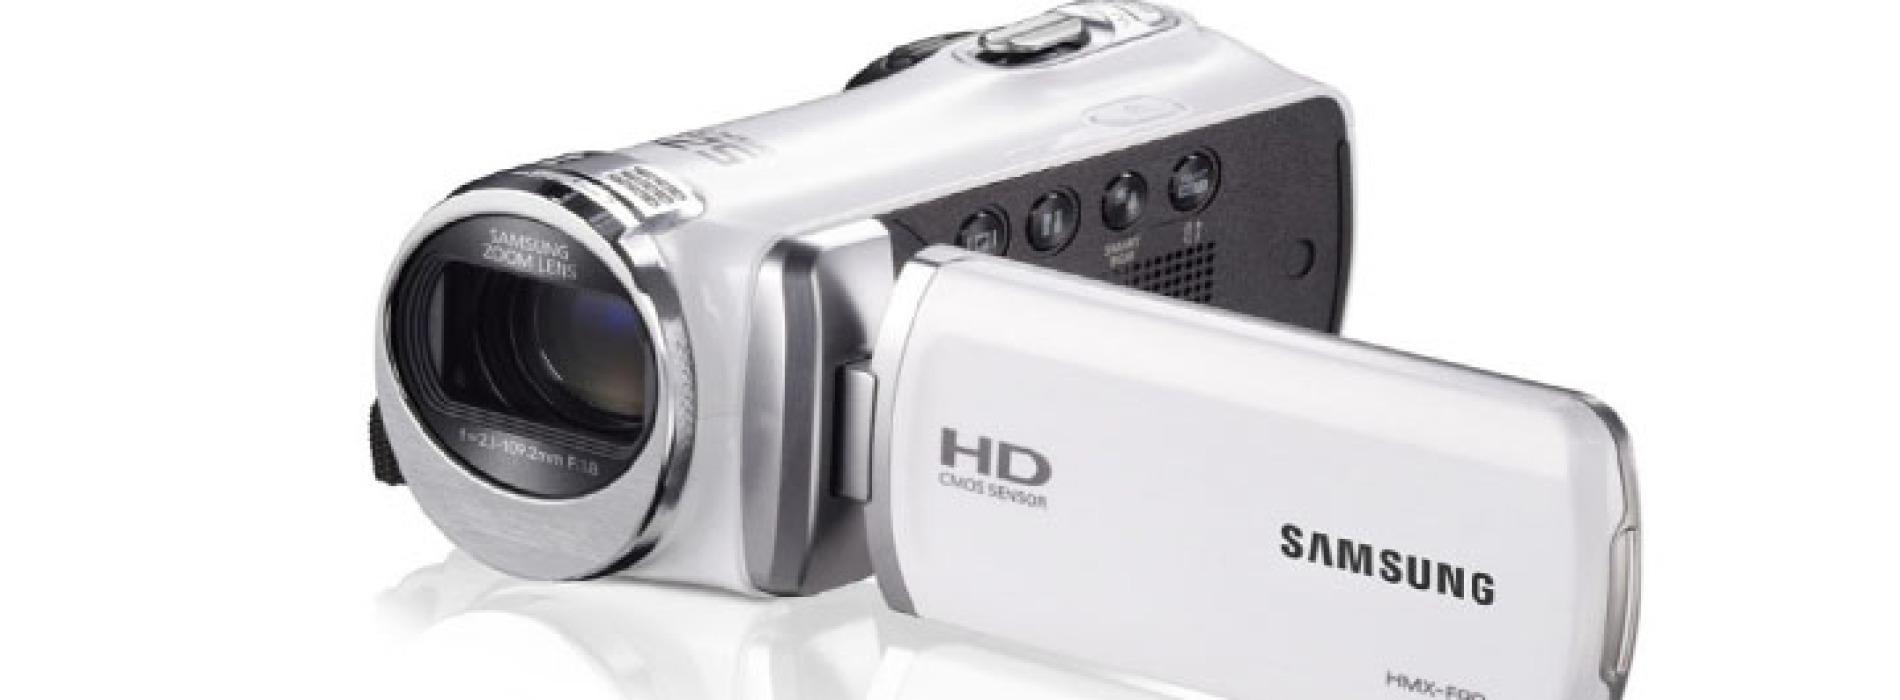 Ремонт цифровых видеокамер Samsung